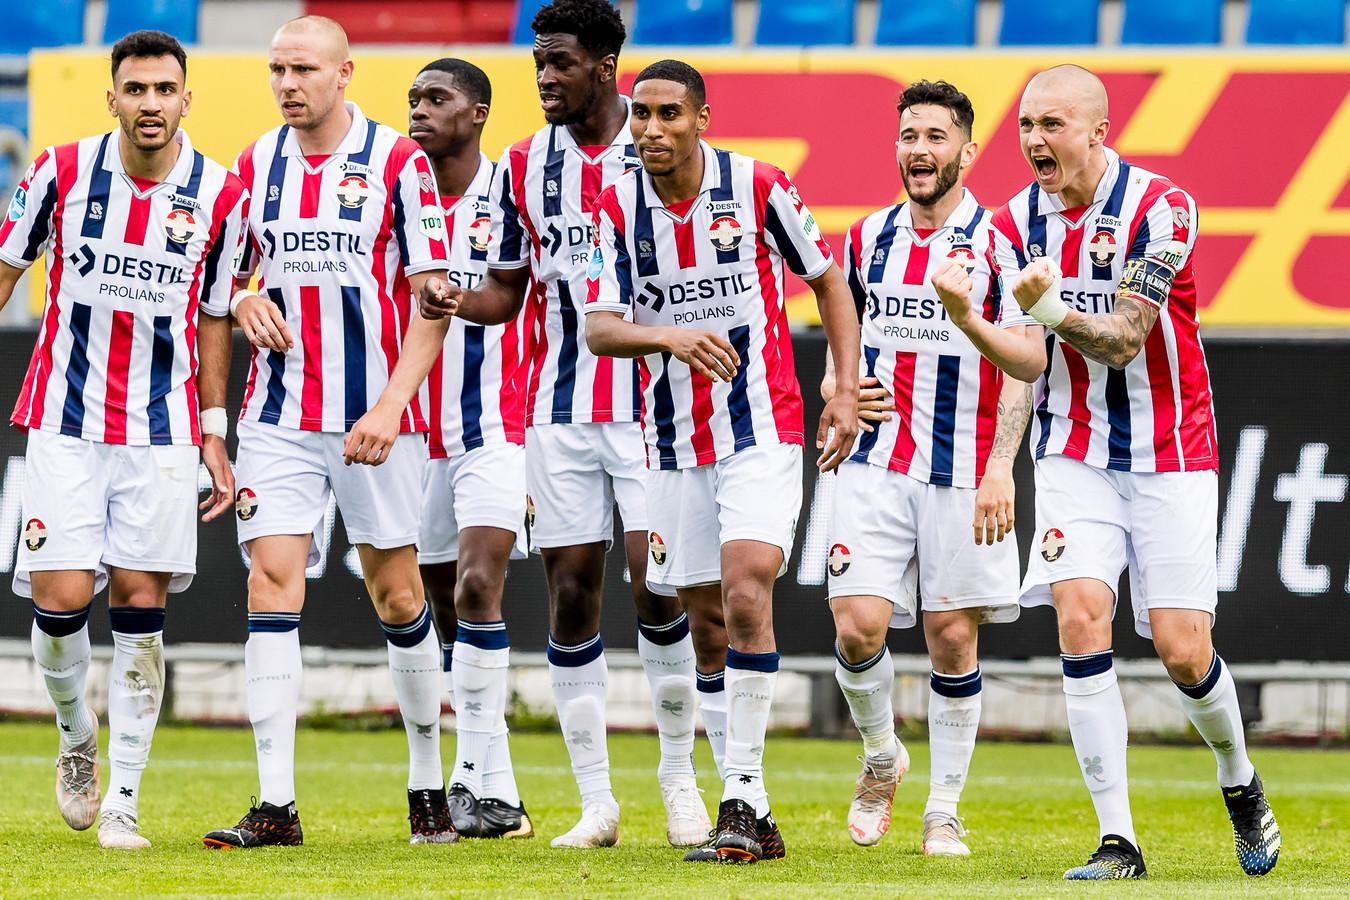 Sebastian Homén (rechts) heeft Willem II op een 2-1 voorsprong gezet tegen Fortuna Sittard. Het bleek de winnende treffer.